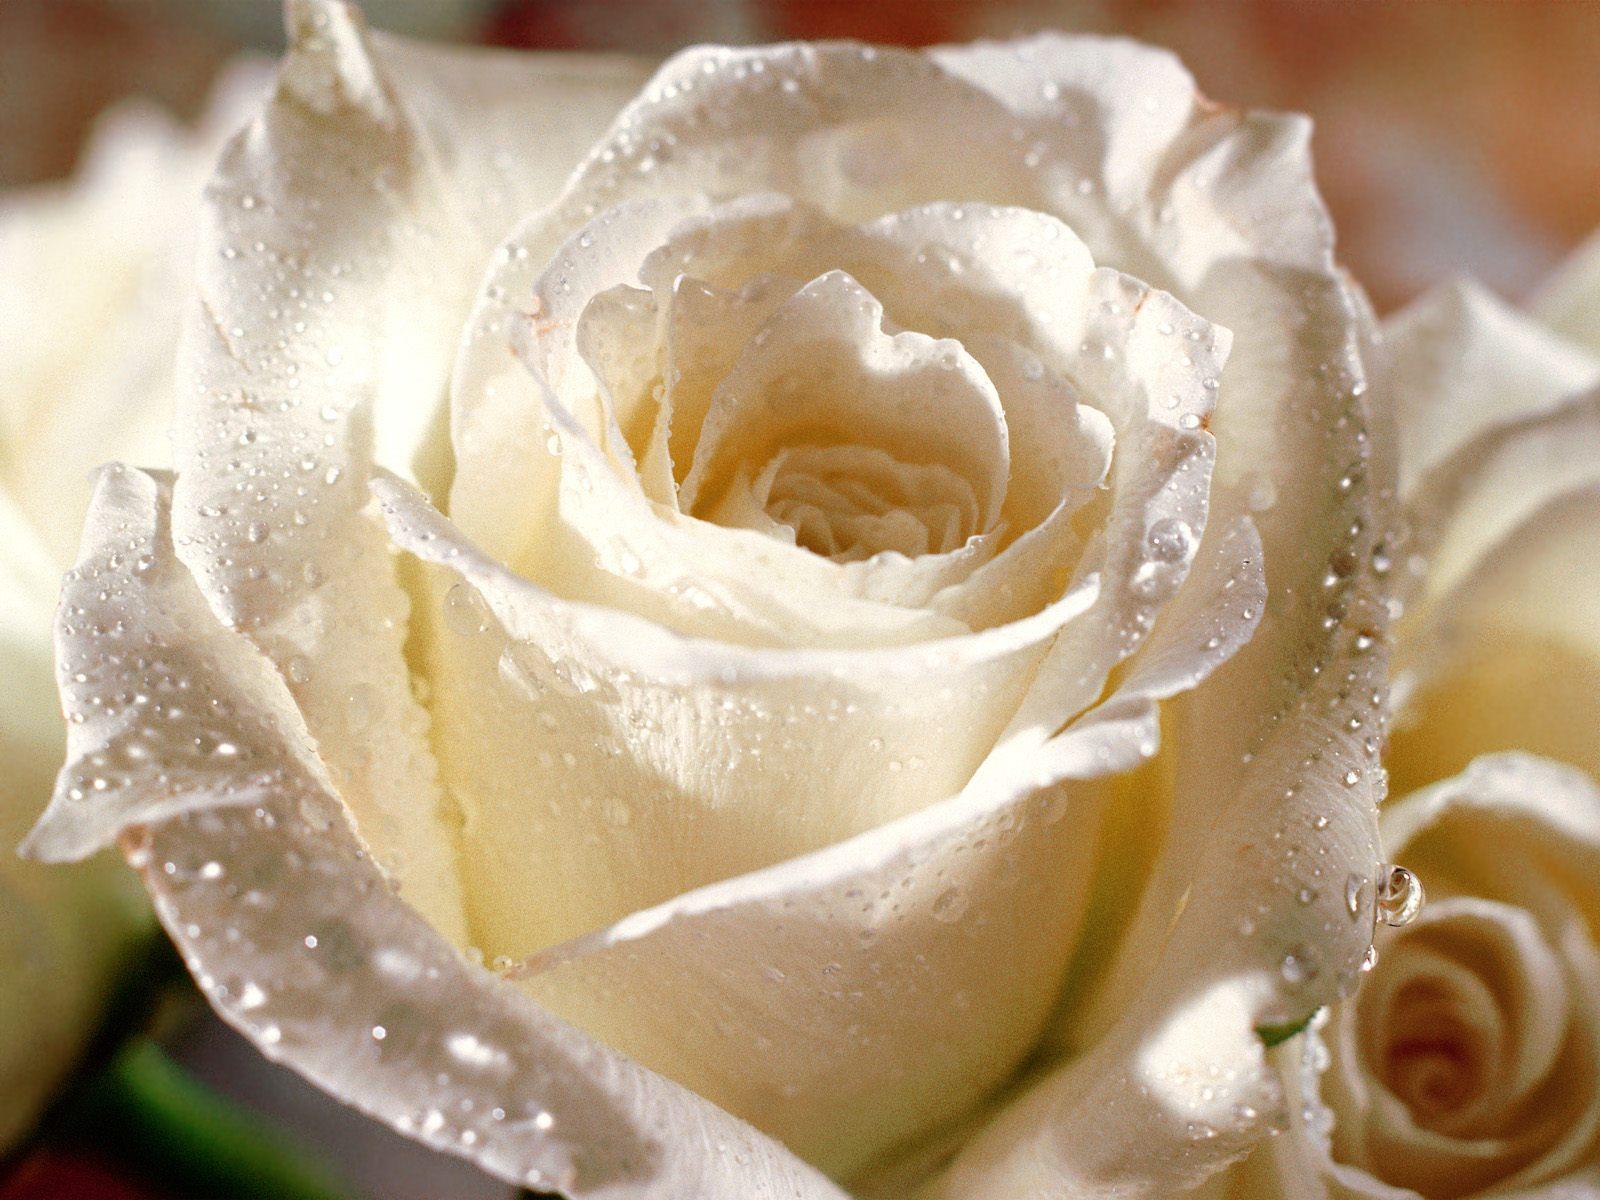 بالصور صور اجمل الورود , صورة احلى الورود فى العالم 5136 6